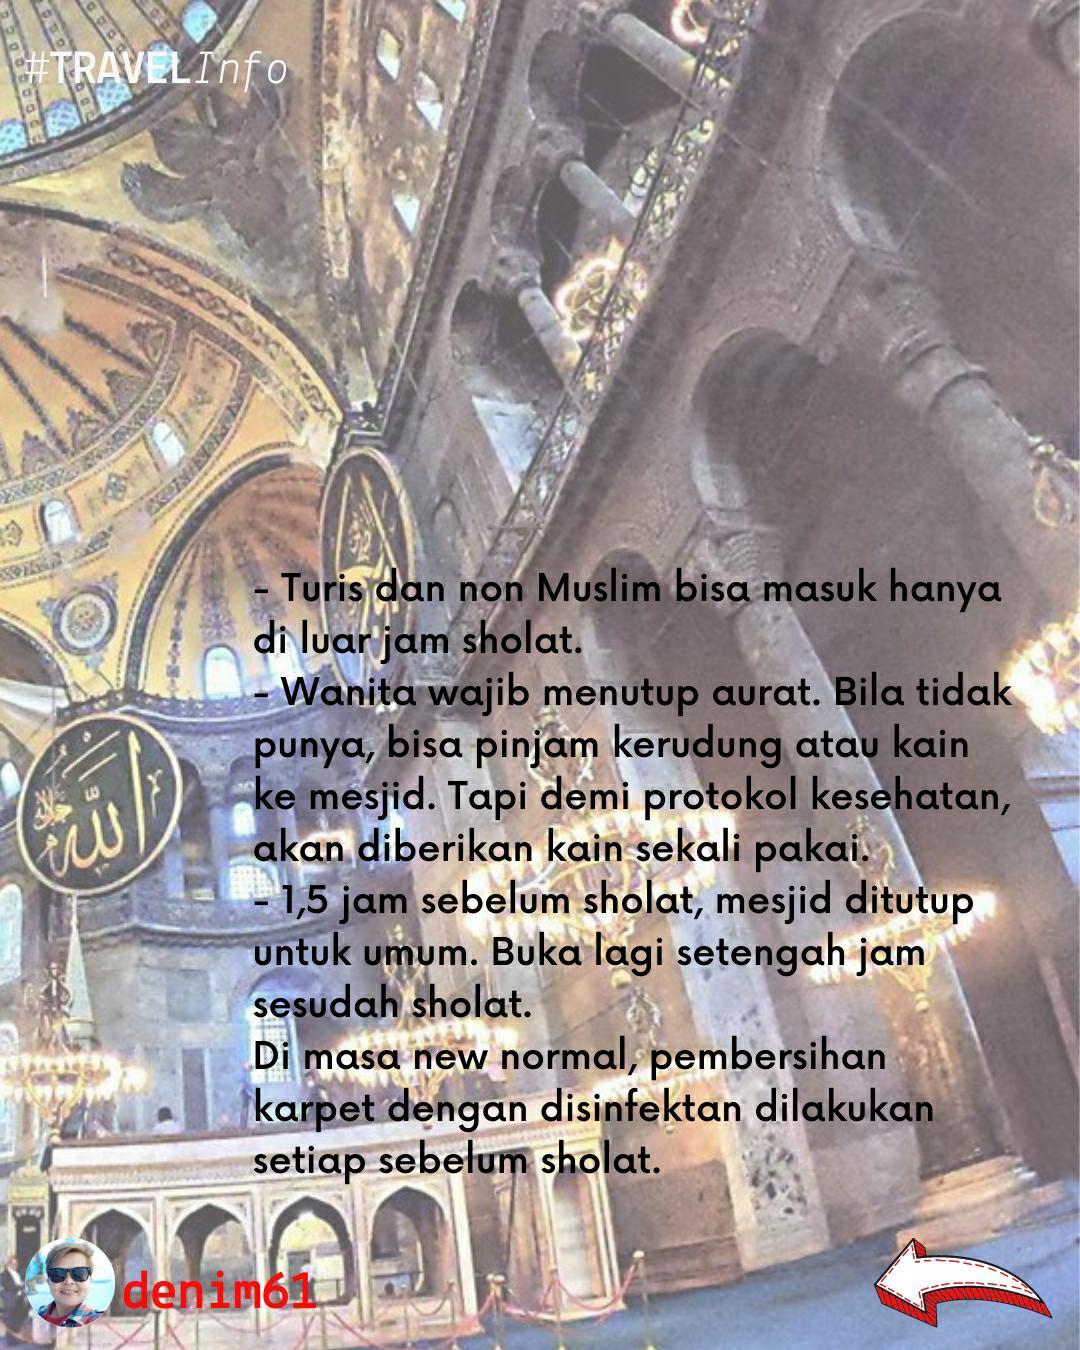 Mesjid Hagia Sophia Mosque 2020